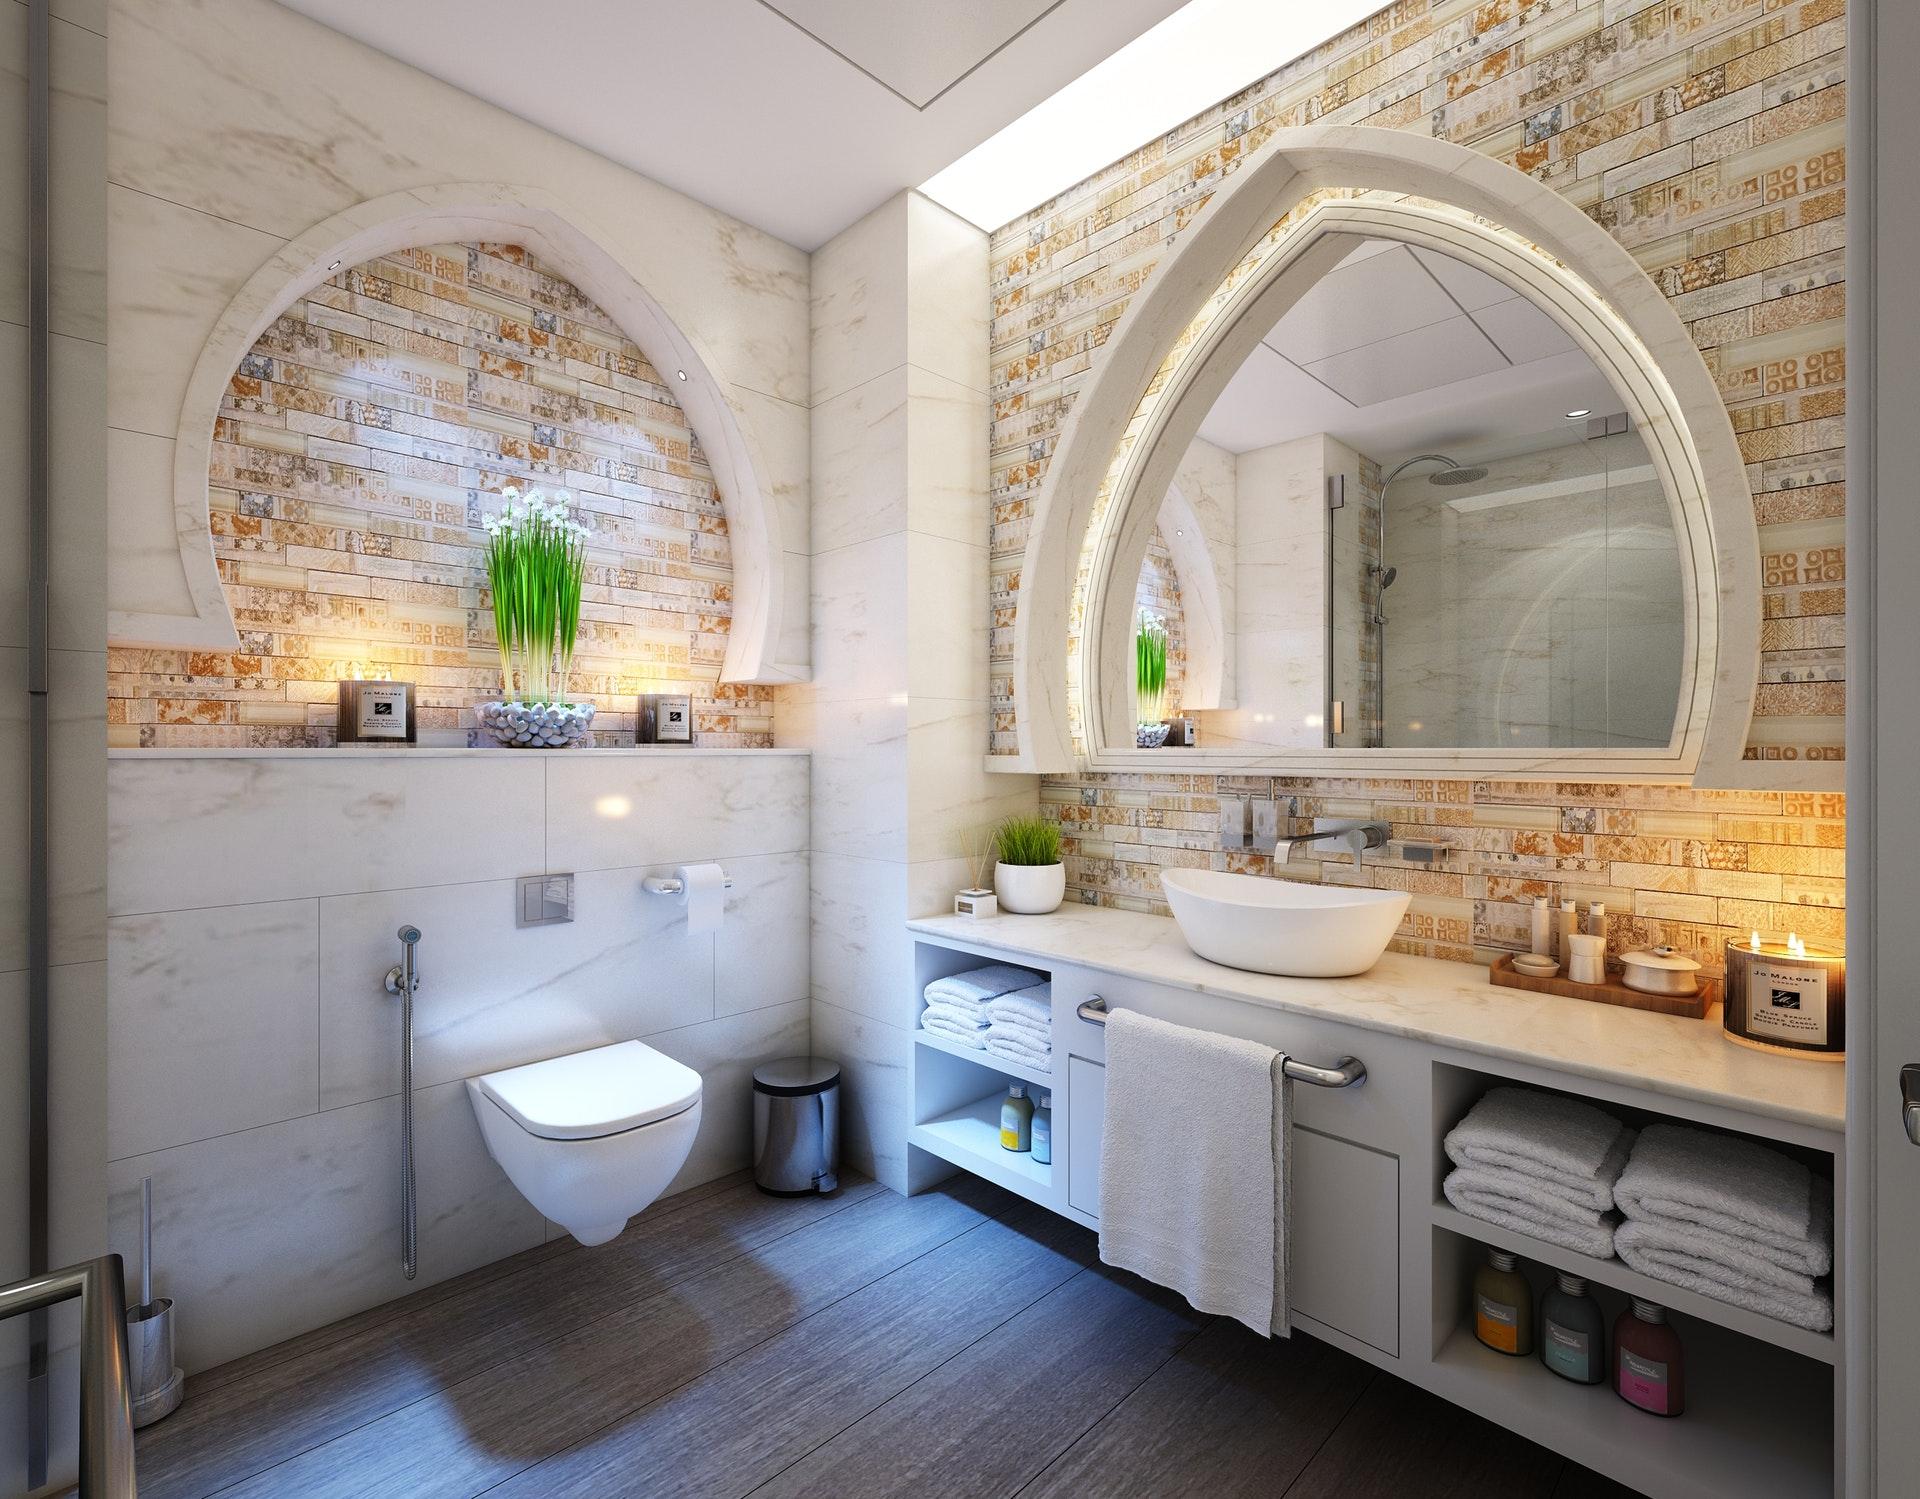 ανακαίνιση μπάνιου εικόνα προφίλ